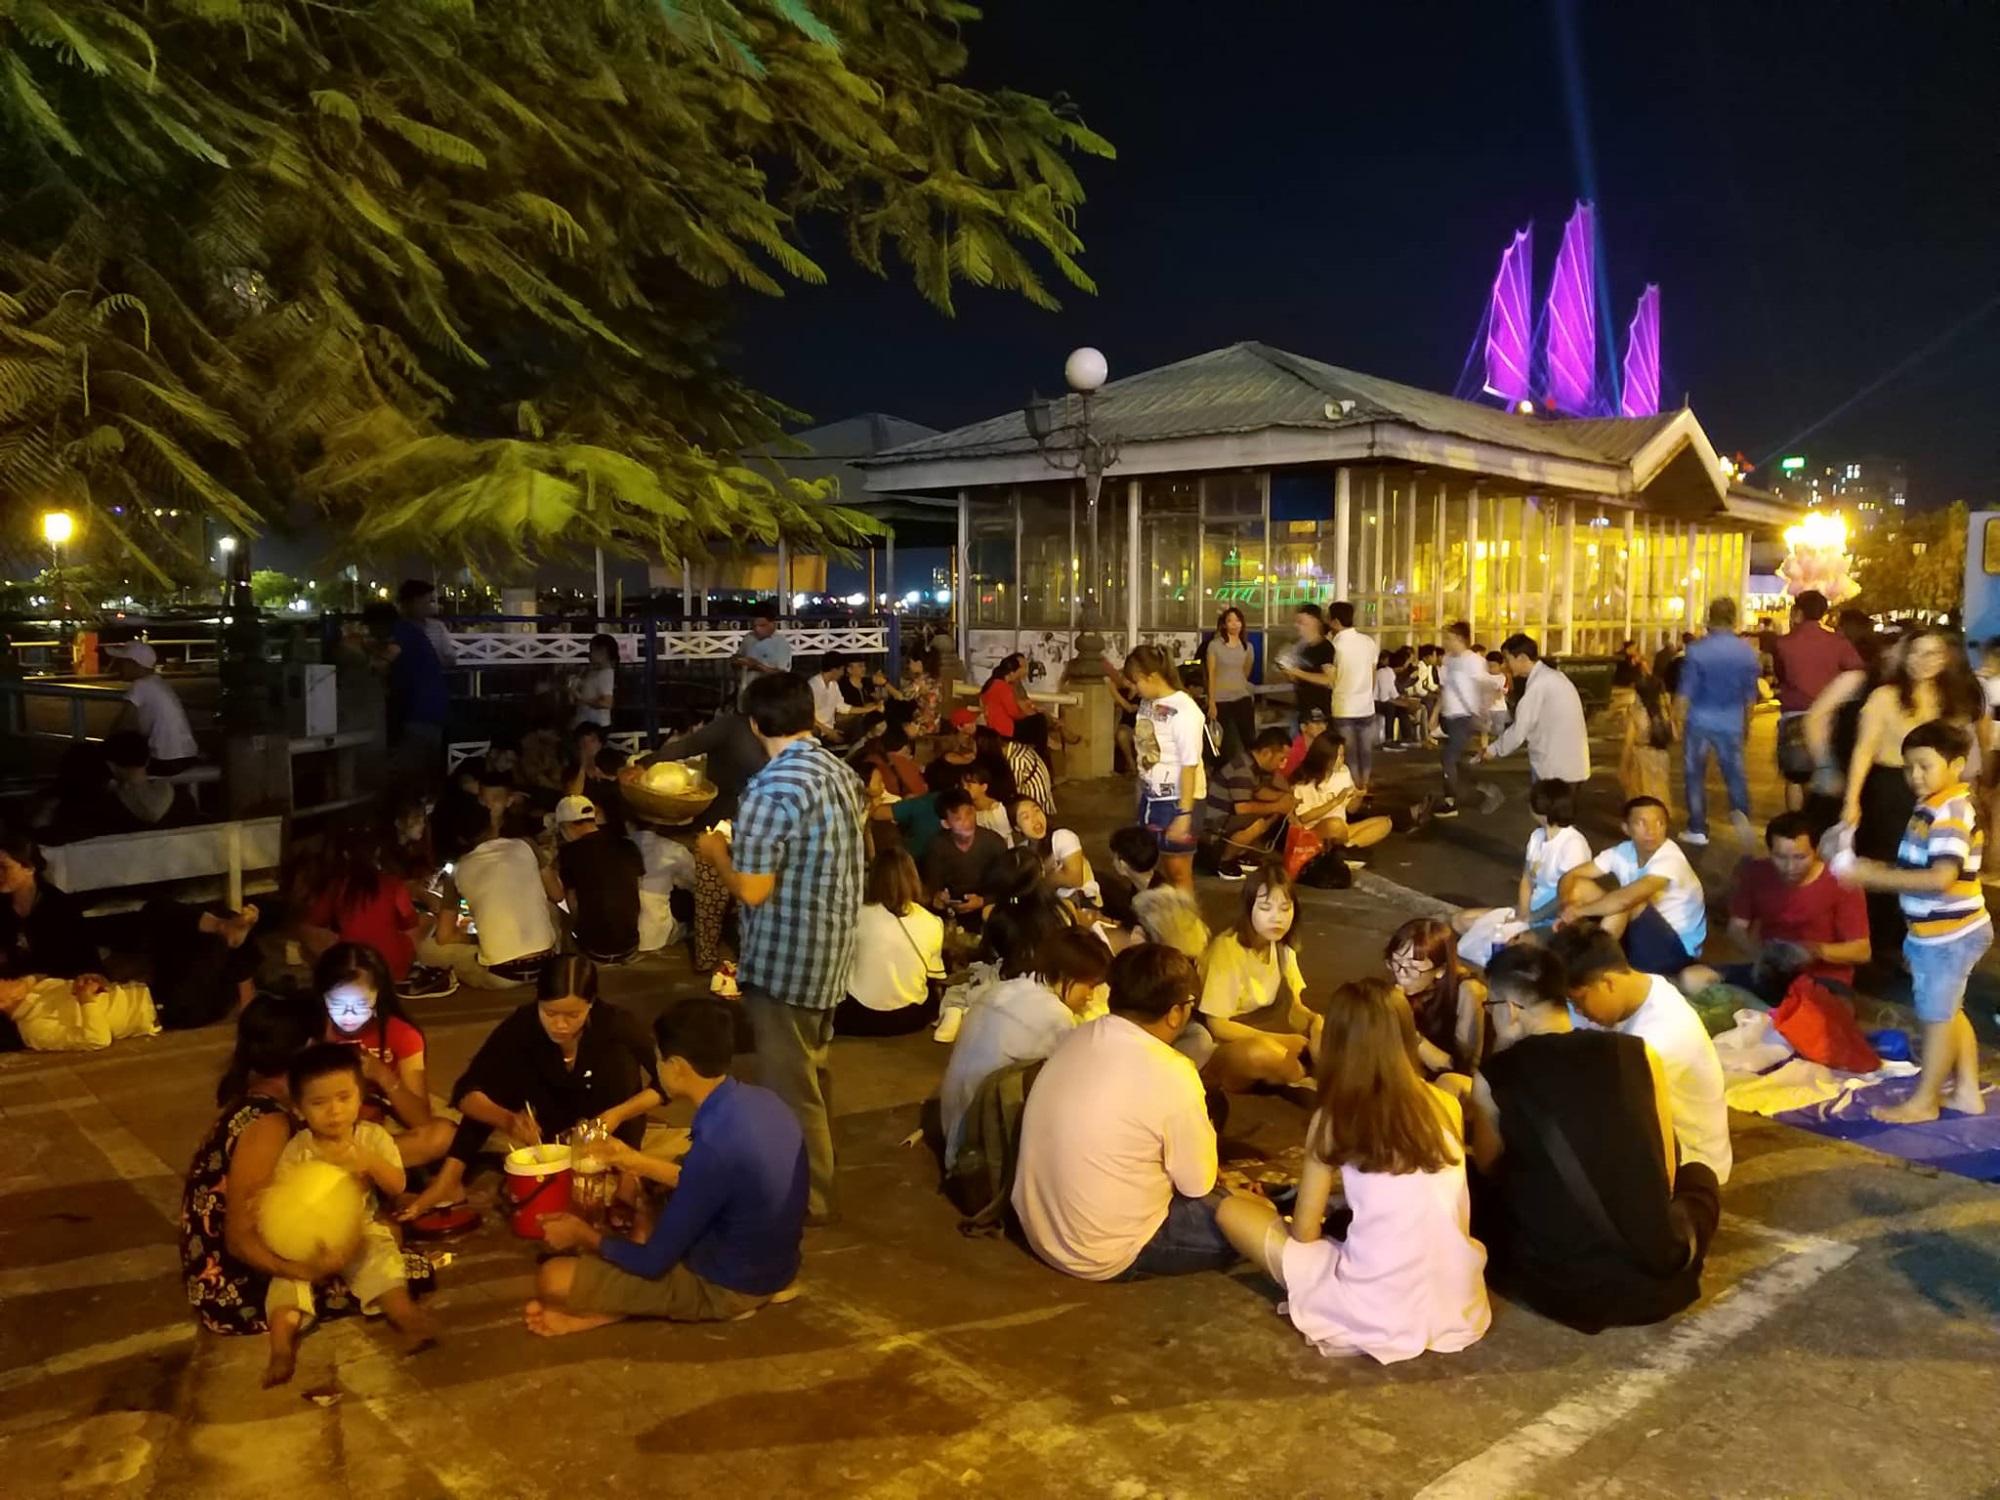 Hàng triệu người dân Sài Gòn xuống phố đón màn pháo hoa rực rỡ mừng năm mới 2019 - Ảnh 23